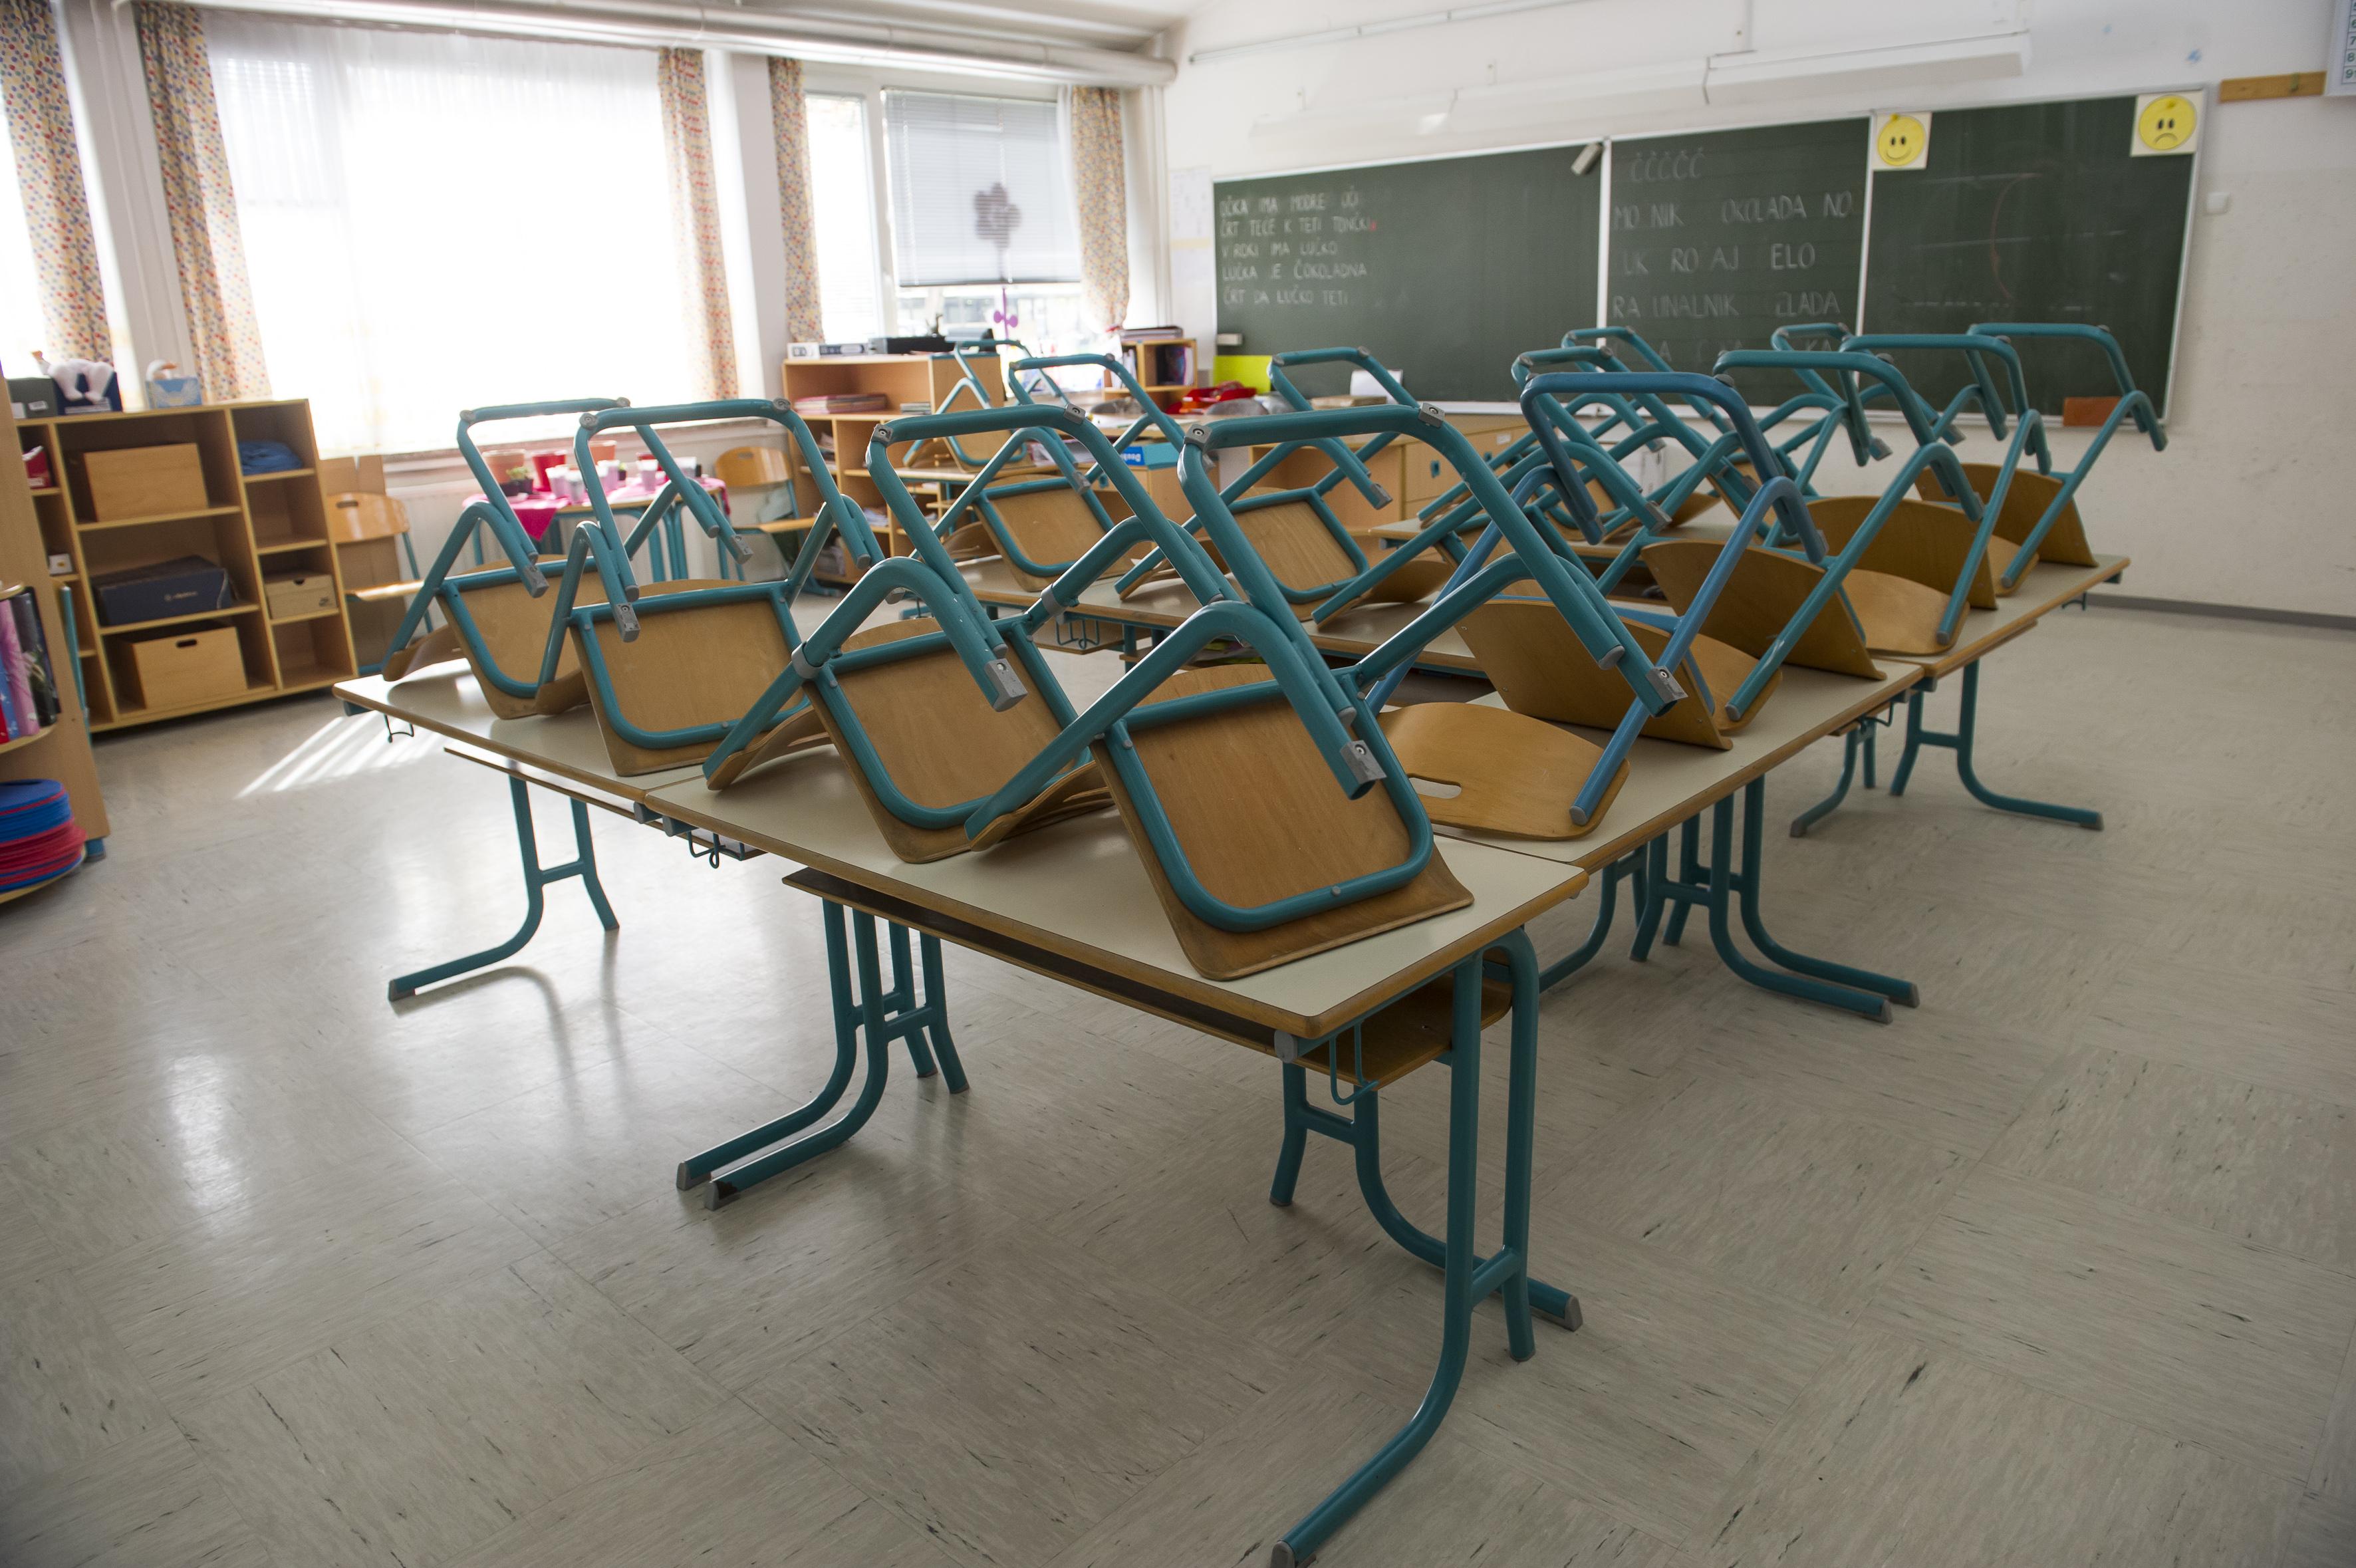 Szlovéniában az általános iskolákban is átállnak a digitális oktatásra a járvány miatt